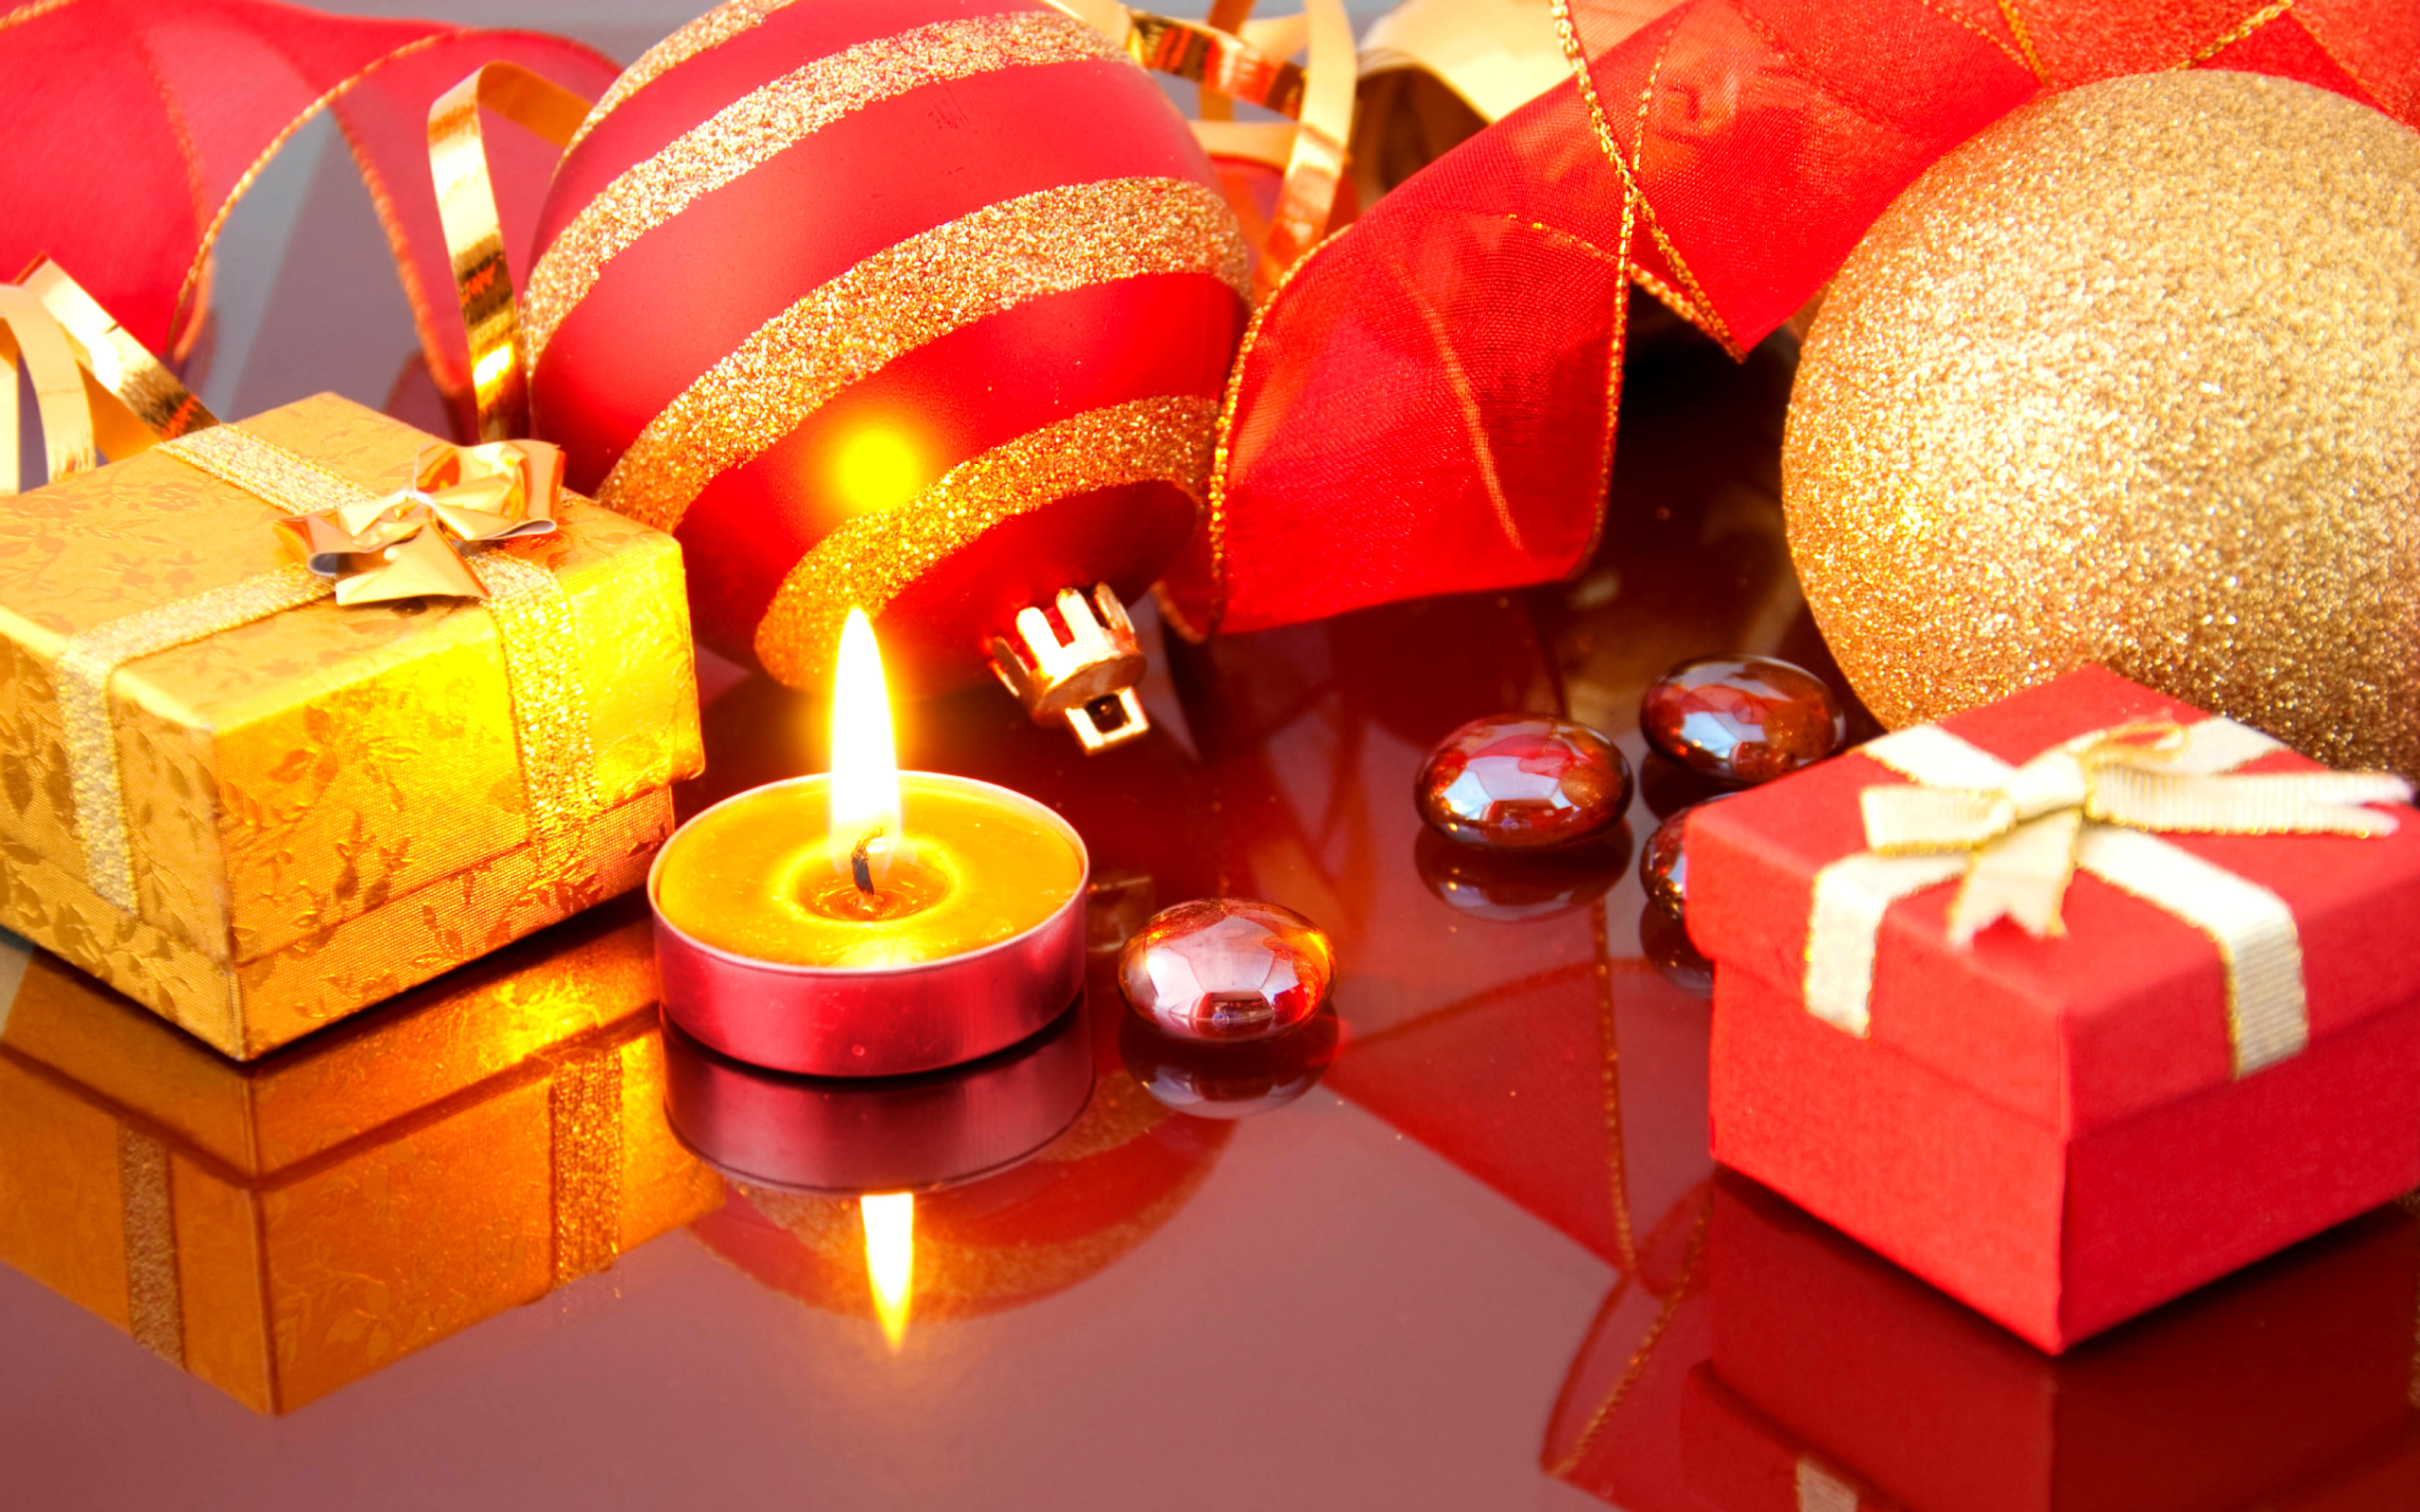 Семье открытка, новогодние праздники картинки на рабочий стол